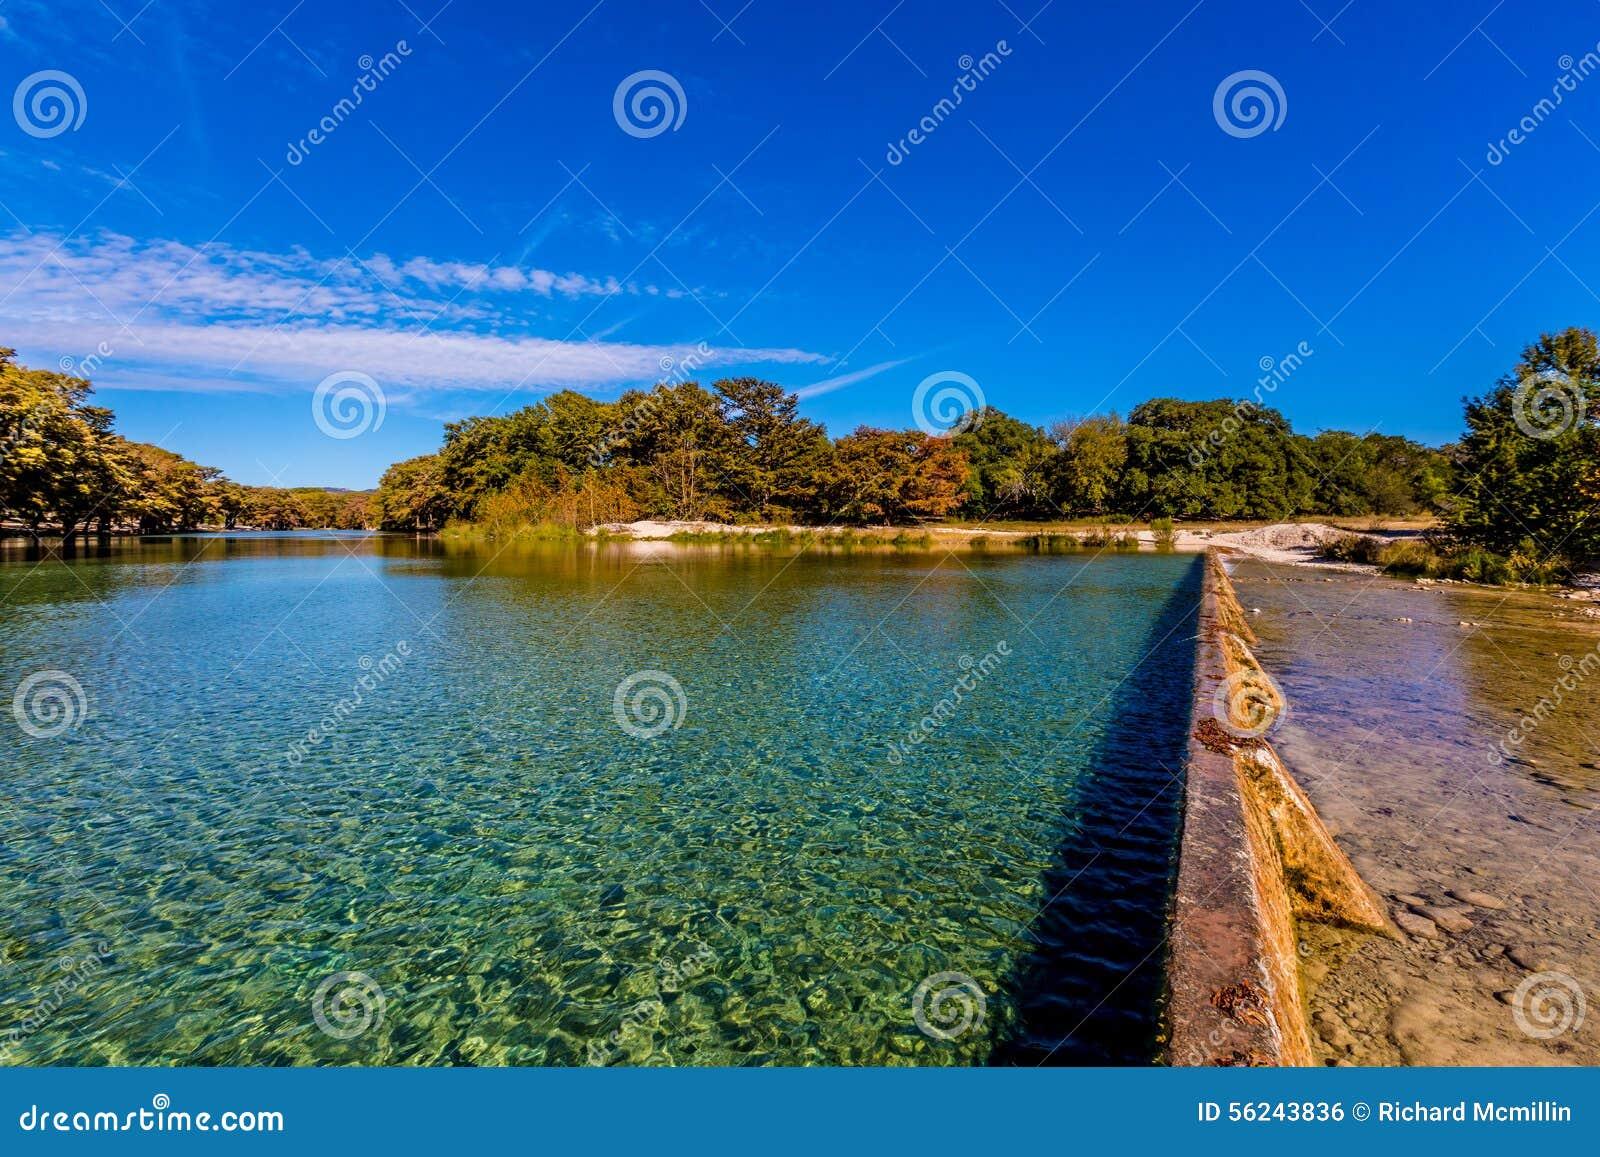 La région de Crystal Clear Frio River Swimming chez Garner State Park